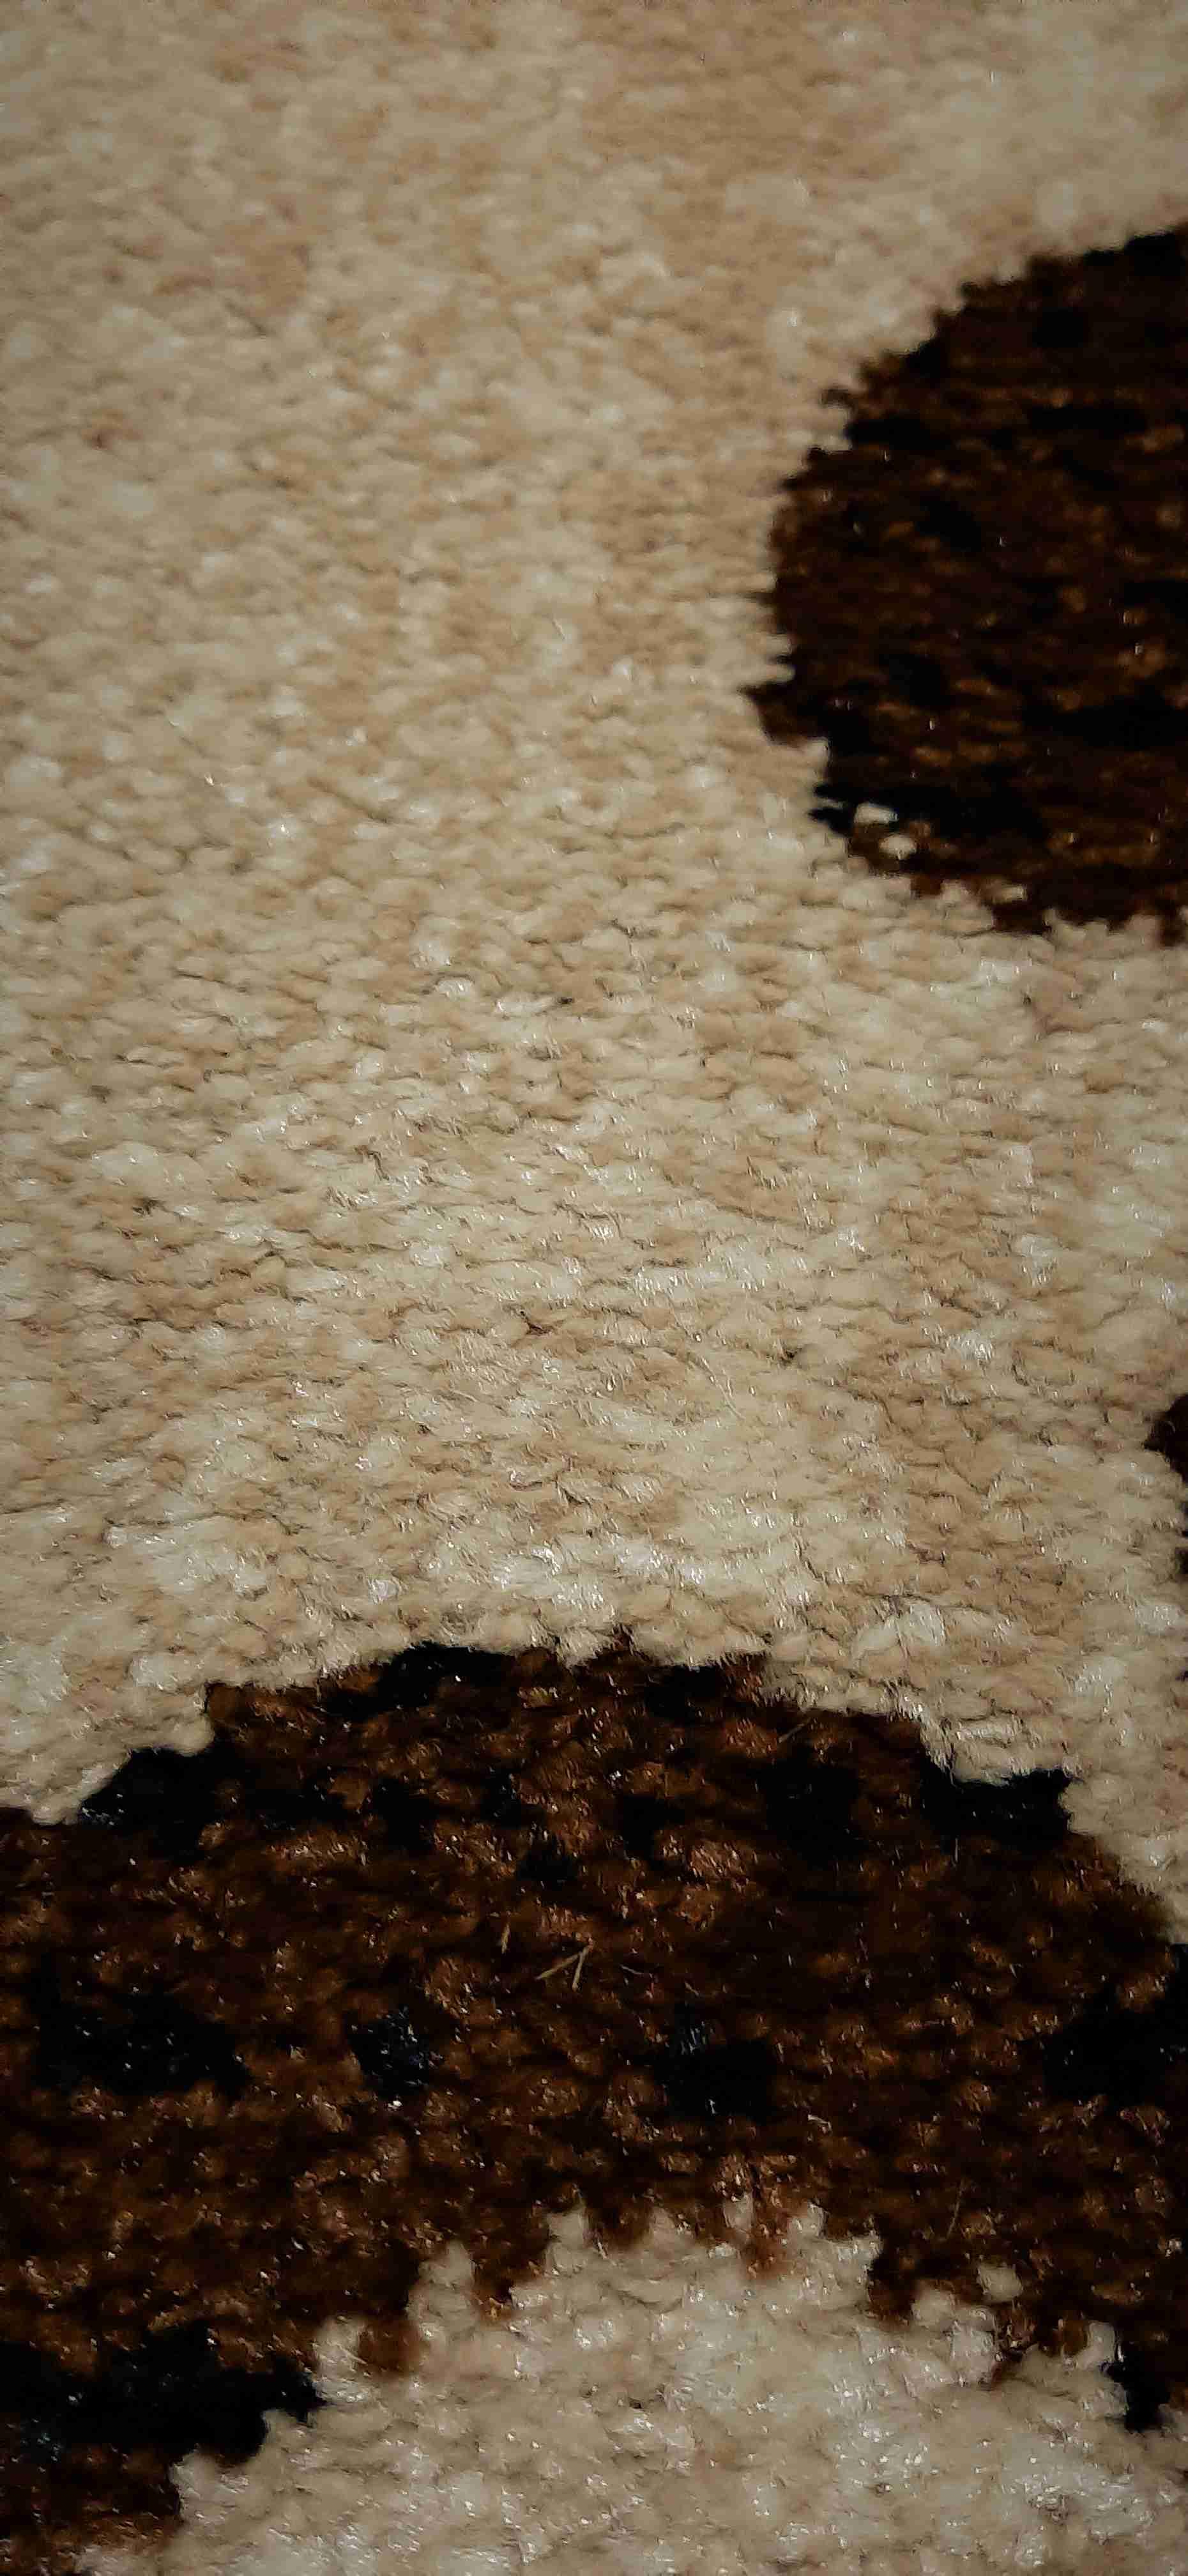 Traversa Covor, Cappuccino 16028-118, Bej / Maro, 80x800 cm, 1800 gr/mp 4